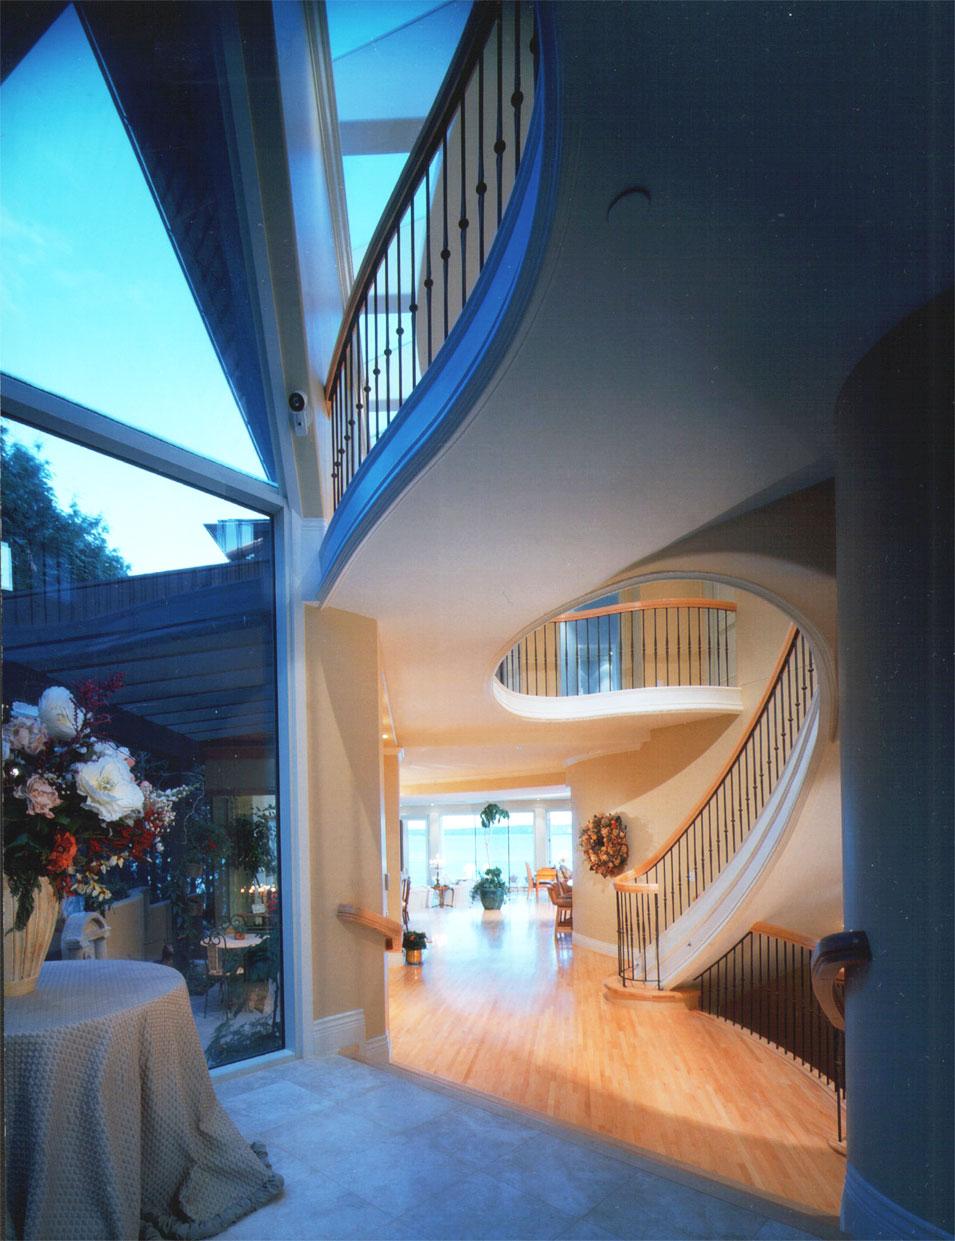 Oberto Oberti Architecture And Urban Design Inc.